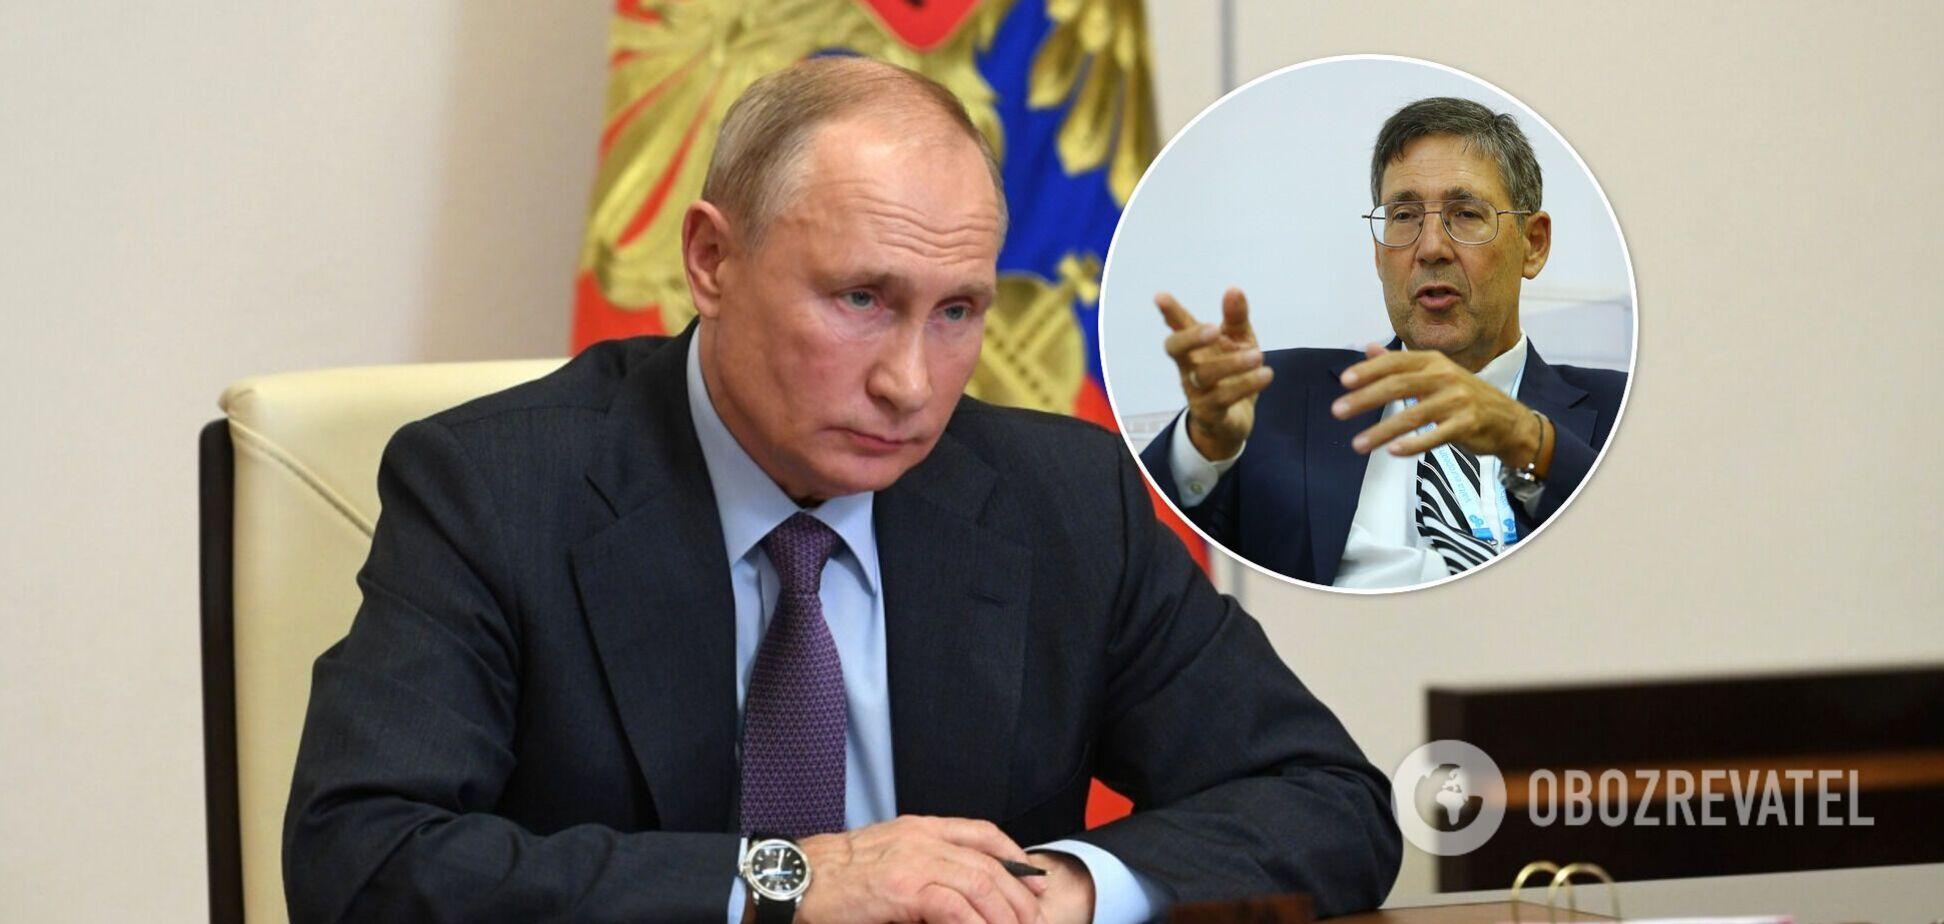 Дипломат из США рассказал, что может заставить Путина прекратить агрессию на Донбассе